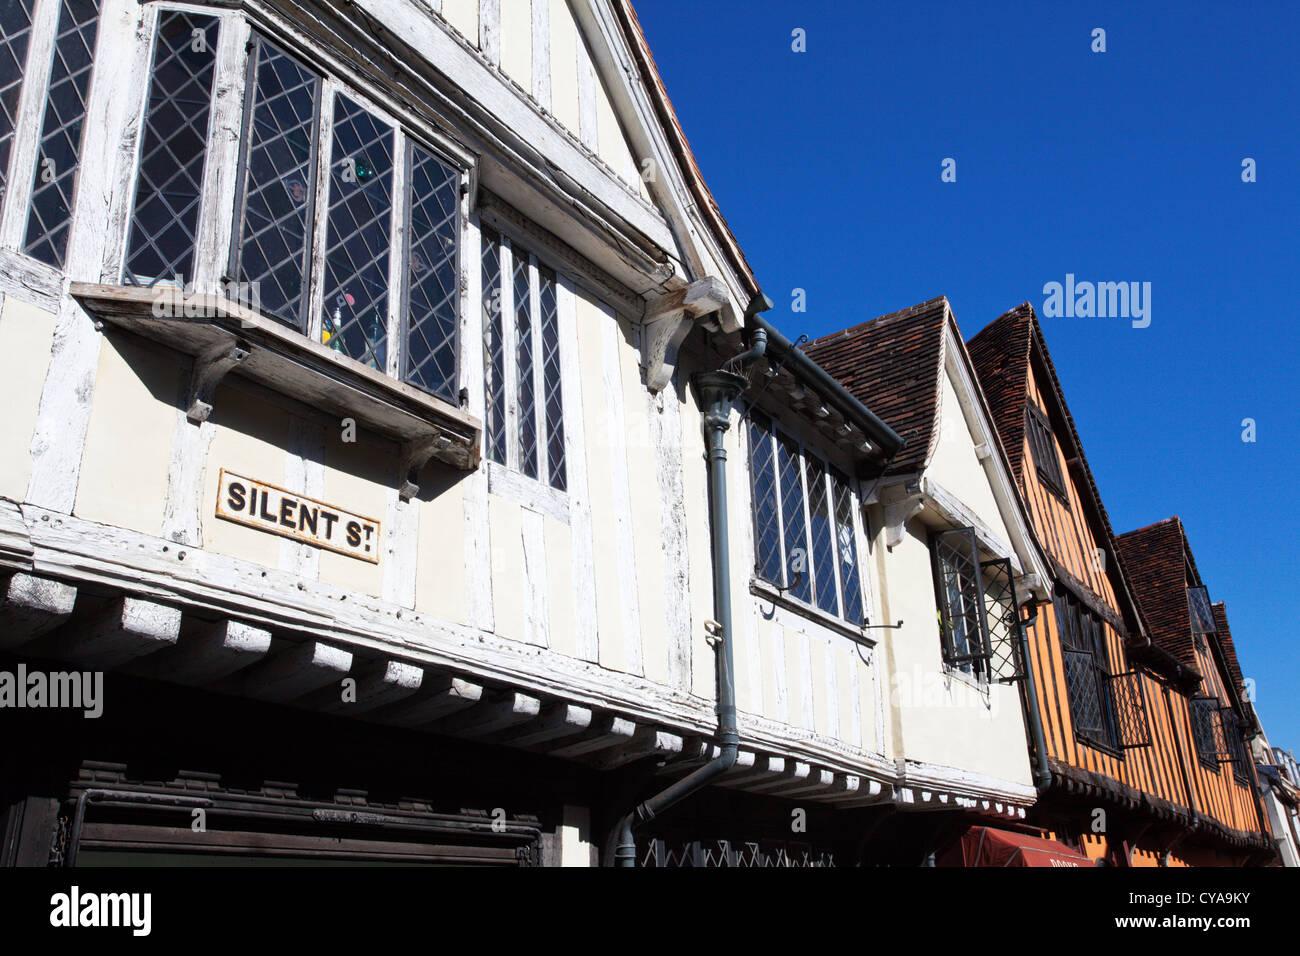 La metà degli Edifici con travi di legno sulla strada silenziosa in Ipswich Suffolk in Inghilterra Immagini Stock